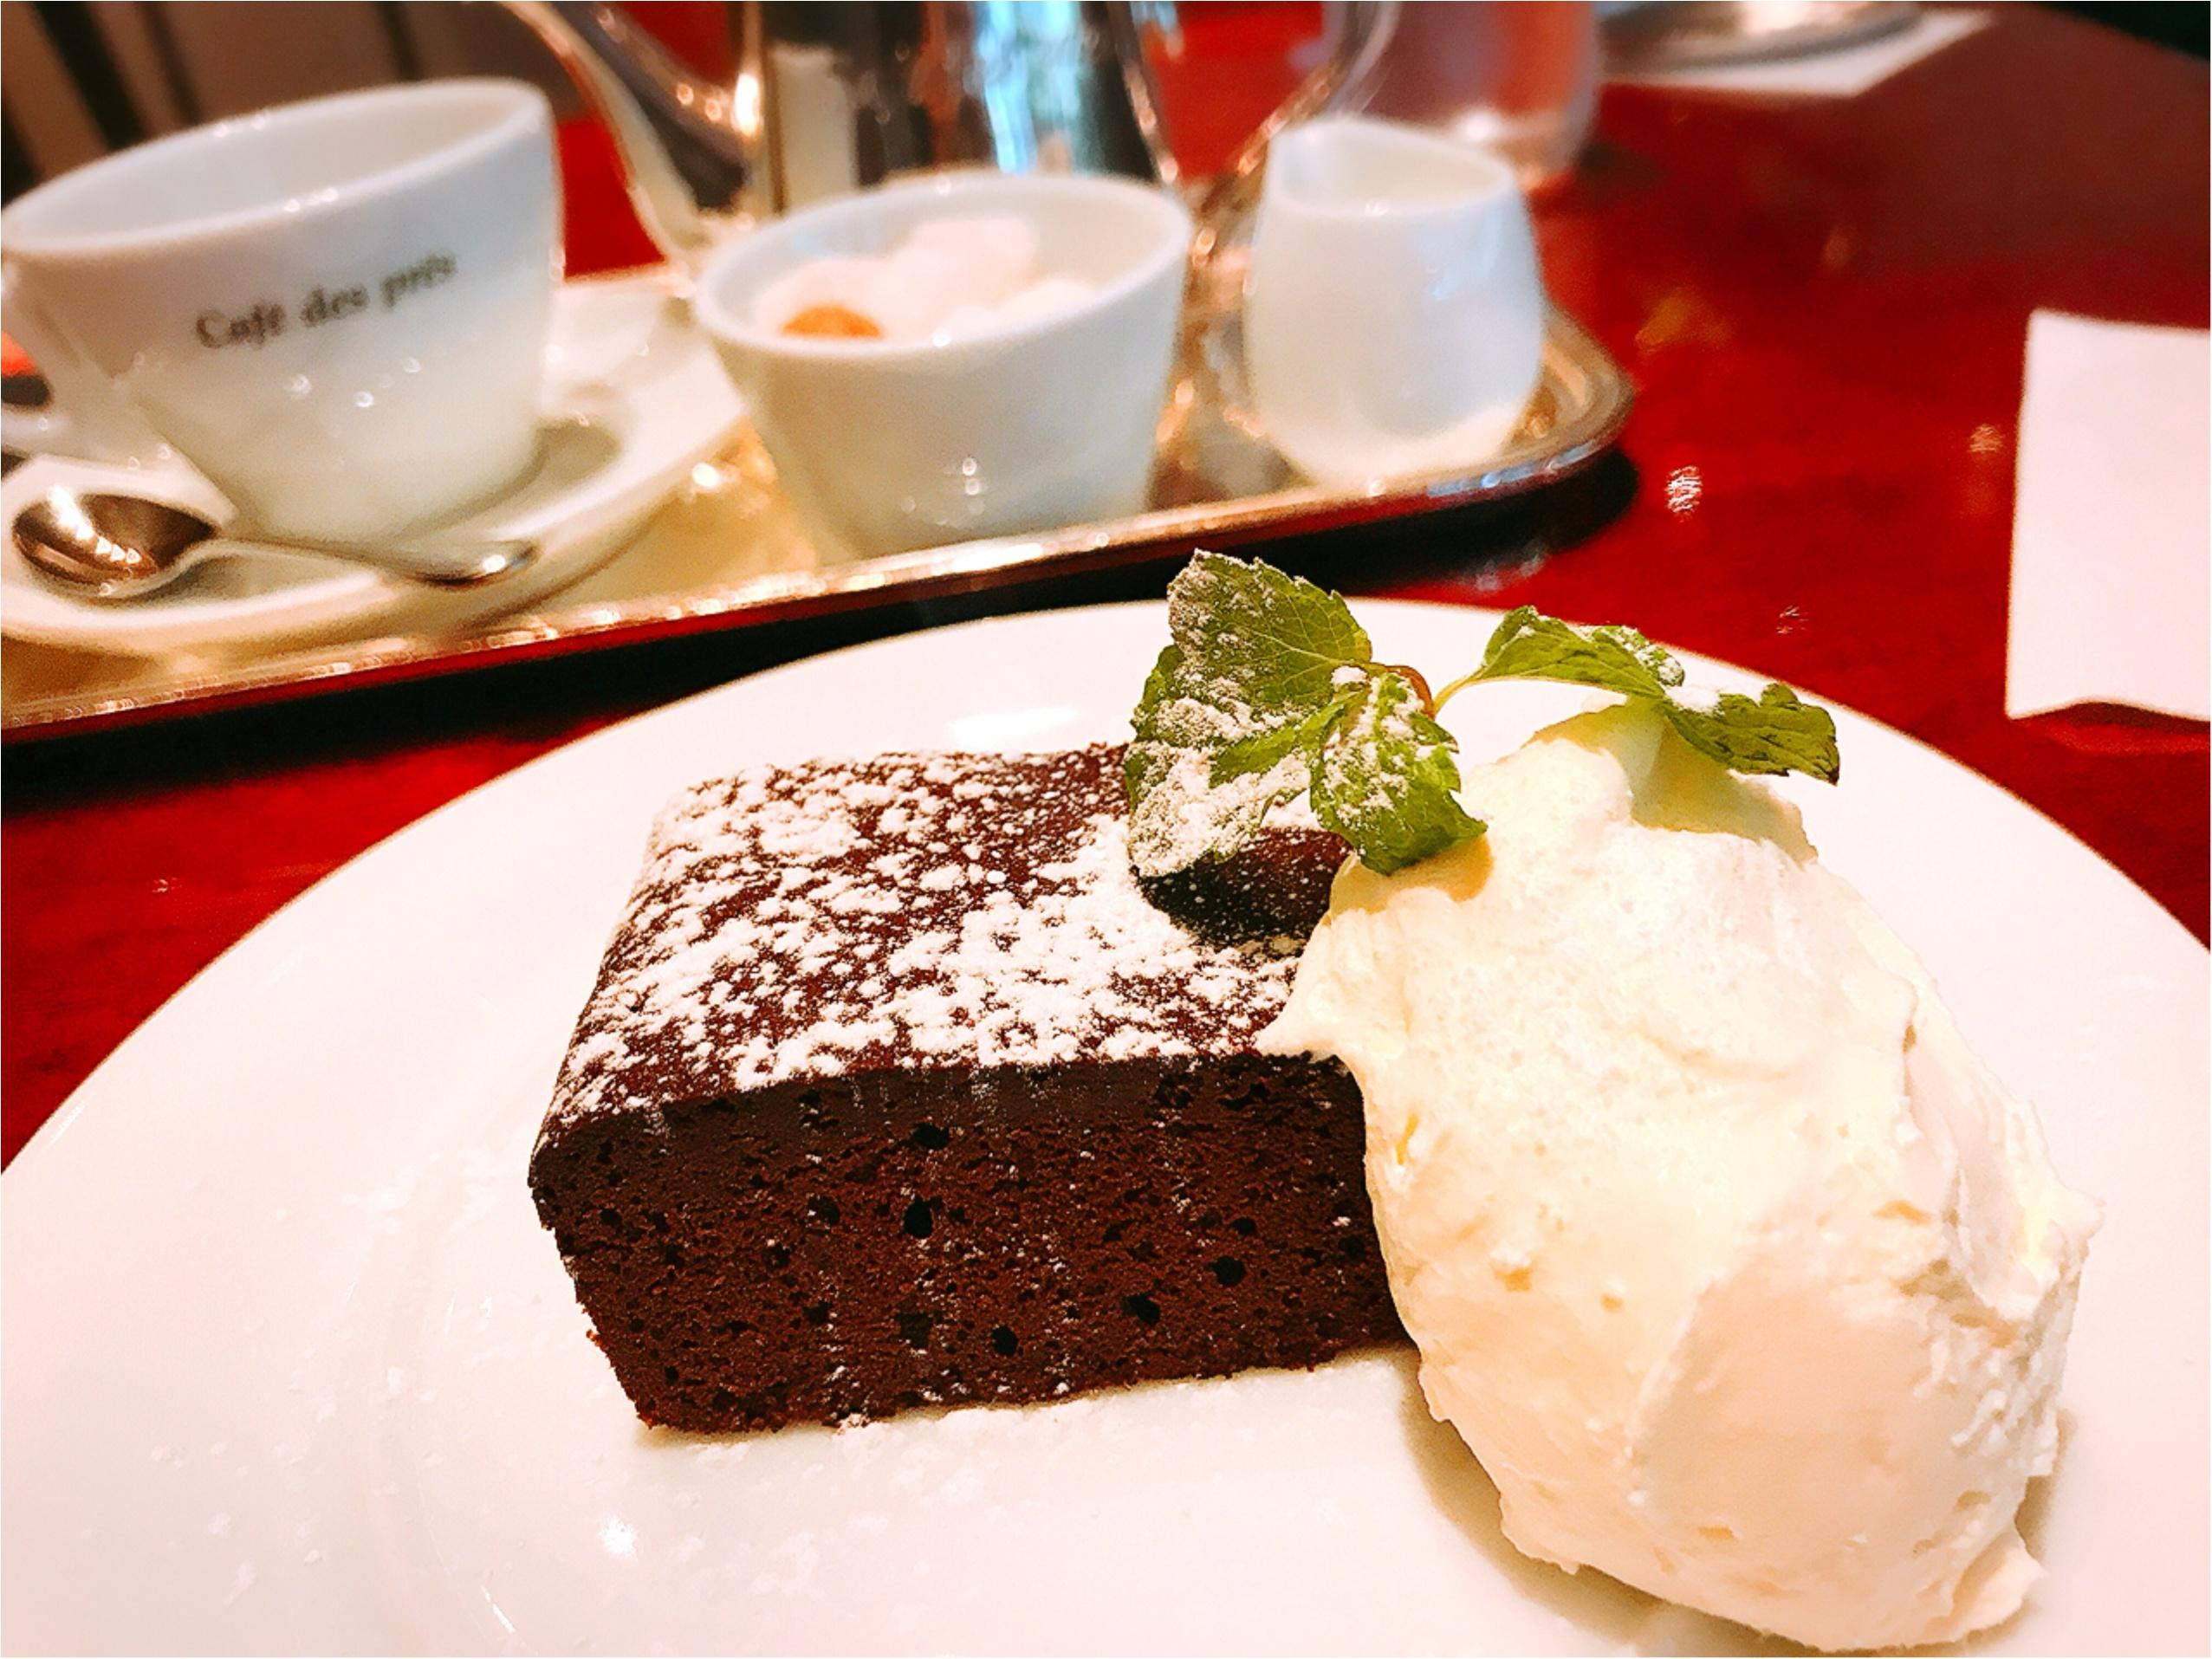 広尾で今行くべきカフェは《Cafe des pres(カフェ・デ・プレ)》!!_3